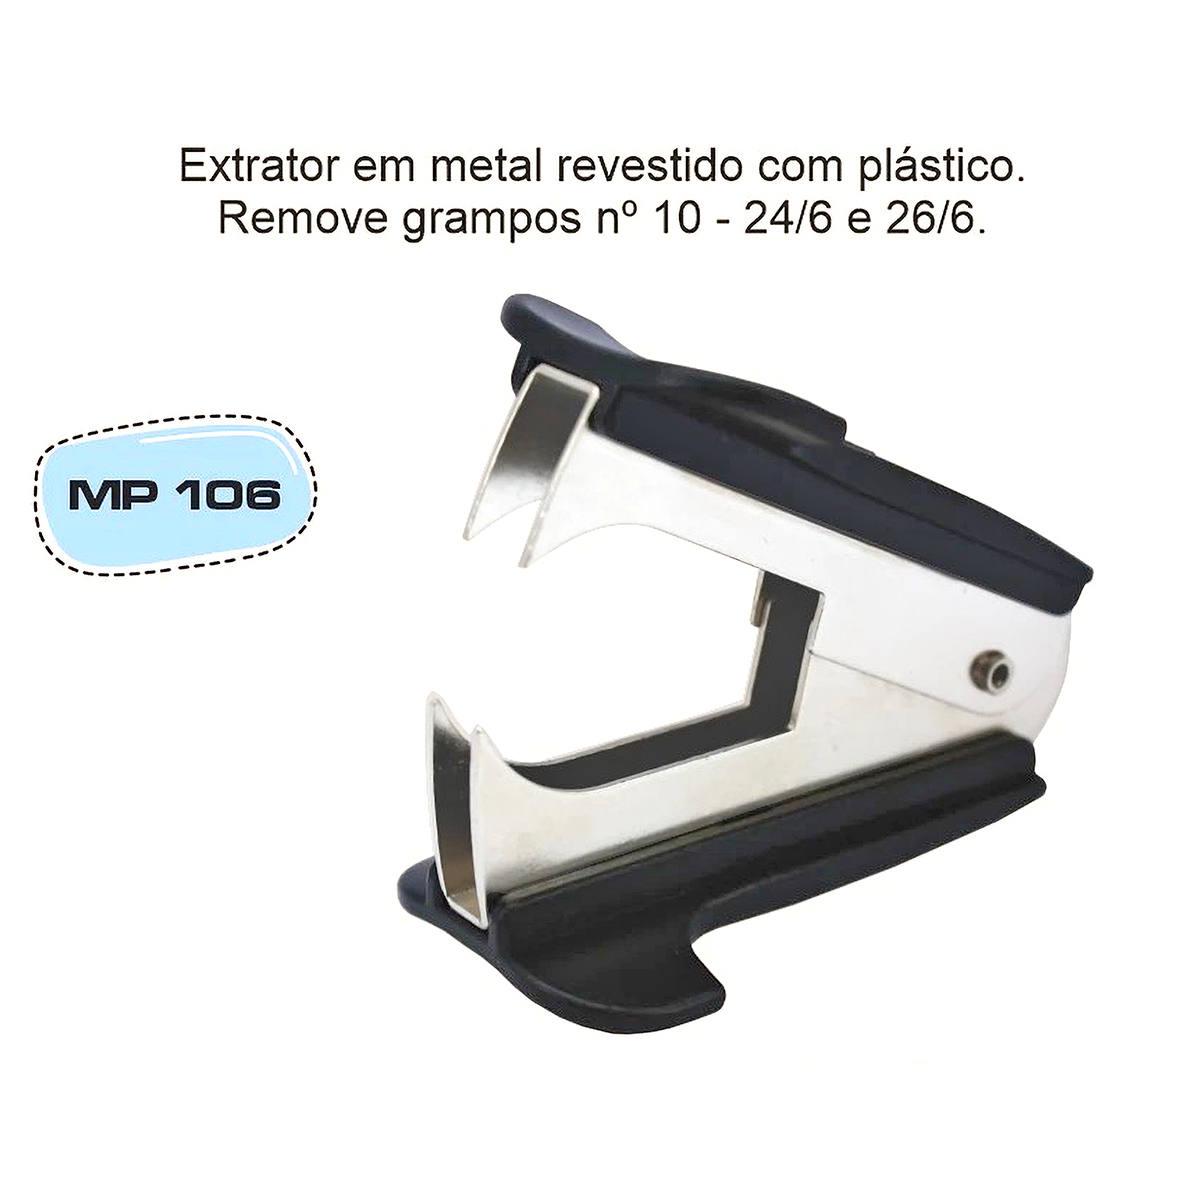 Removedor de Grampos Tipo Piranha Extrator de Grampo 24/6 e 26/6 Masterprint MP106